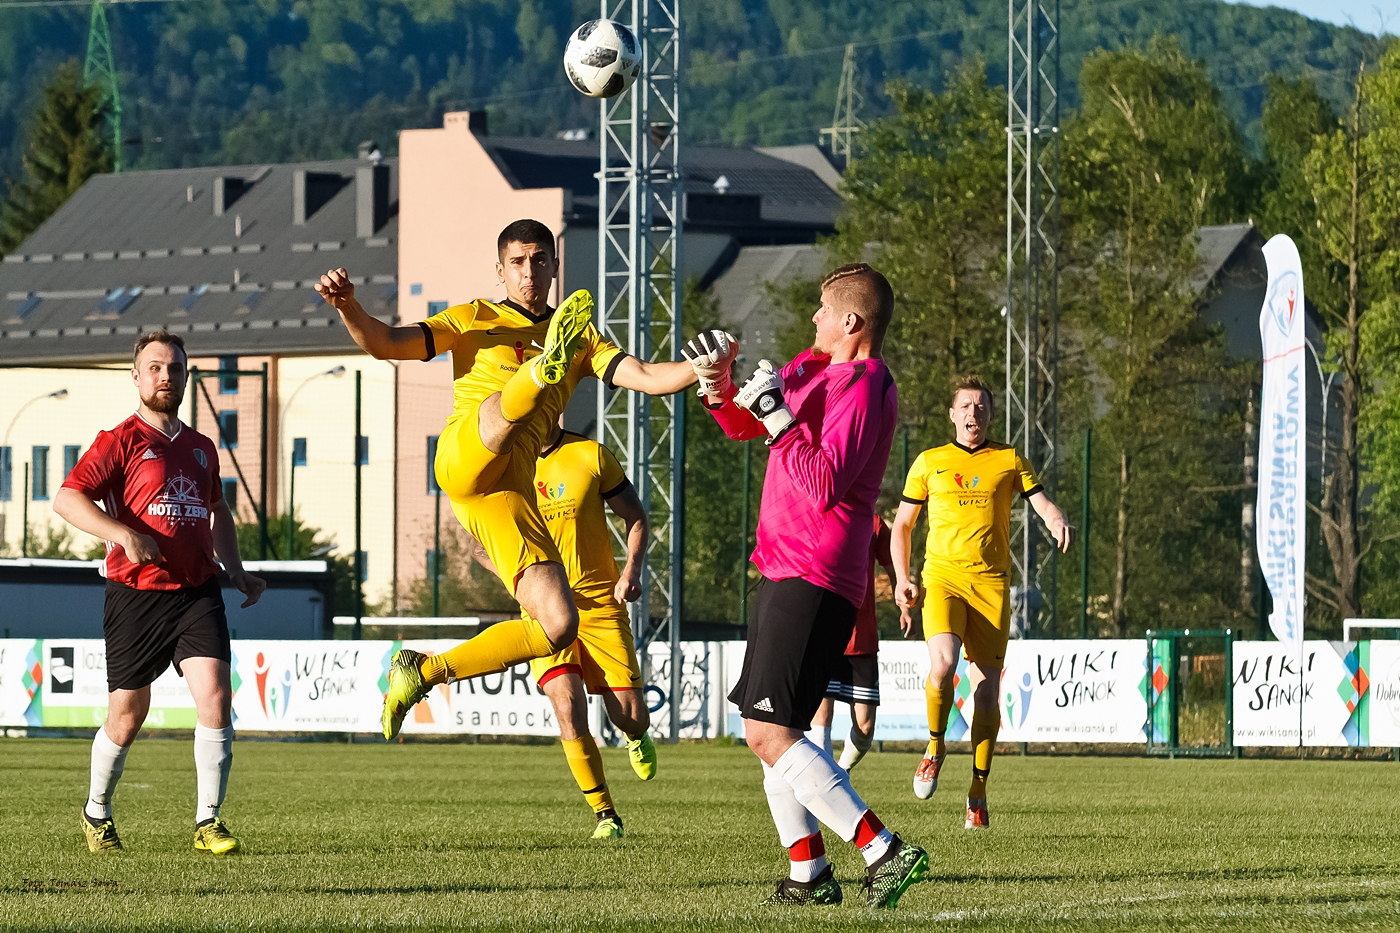 Piłka nożna: Wiki Sanok - Nelson Polańczyk [FOTORELACJA] - Zdjęcie główne